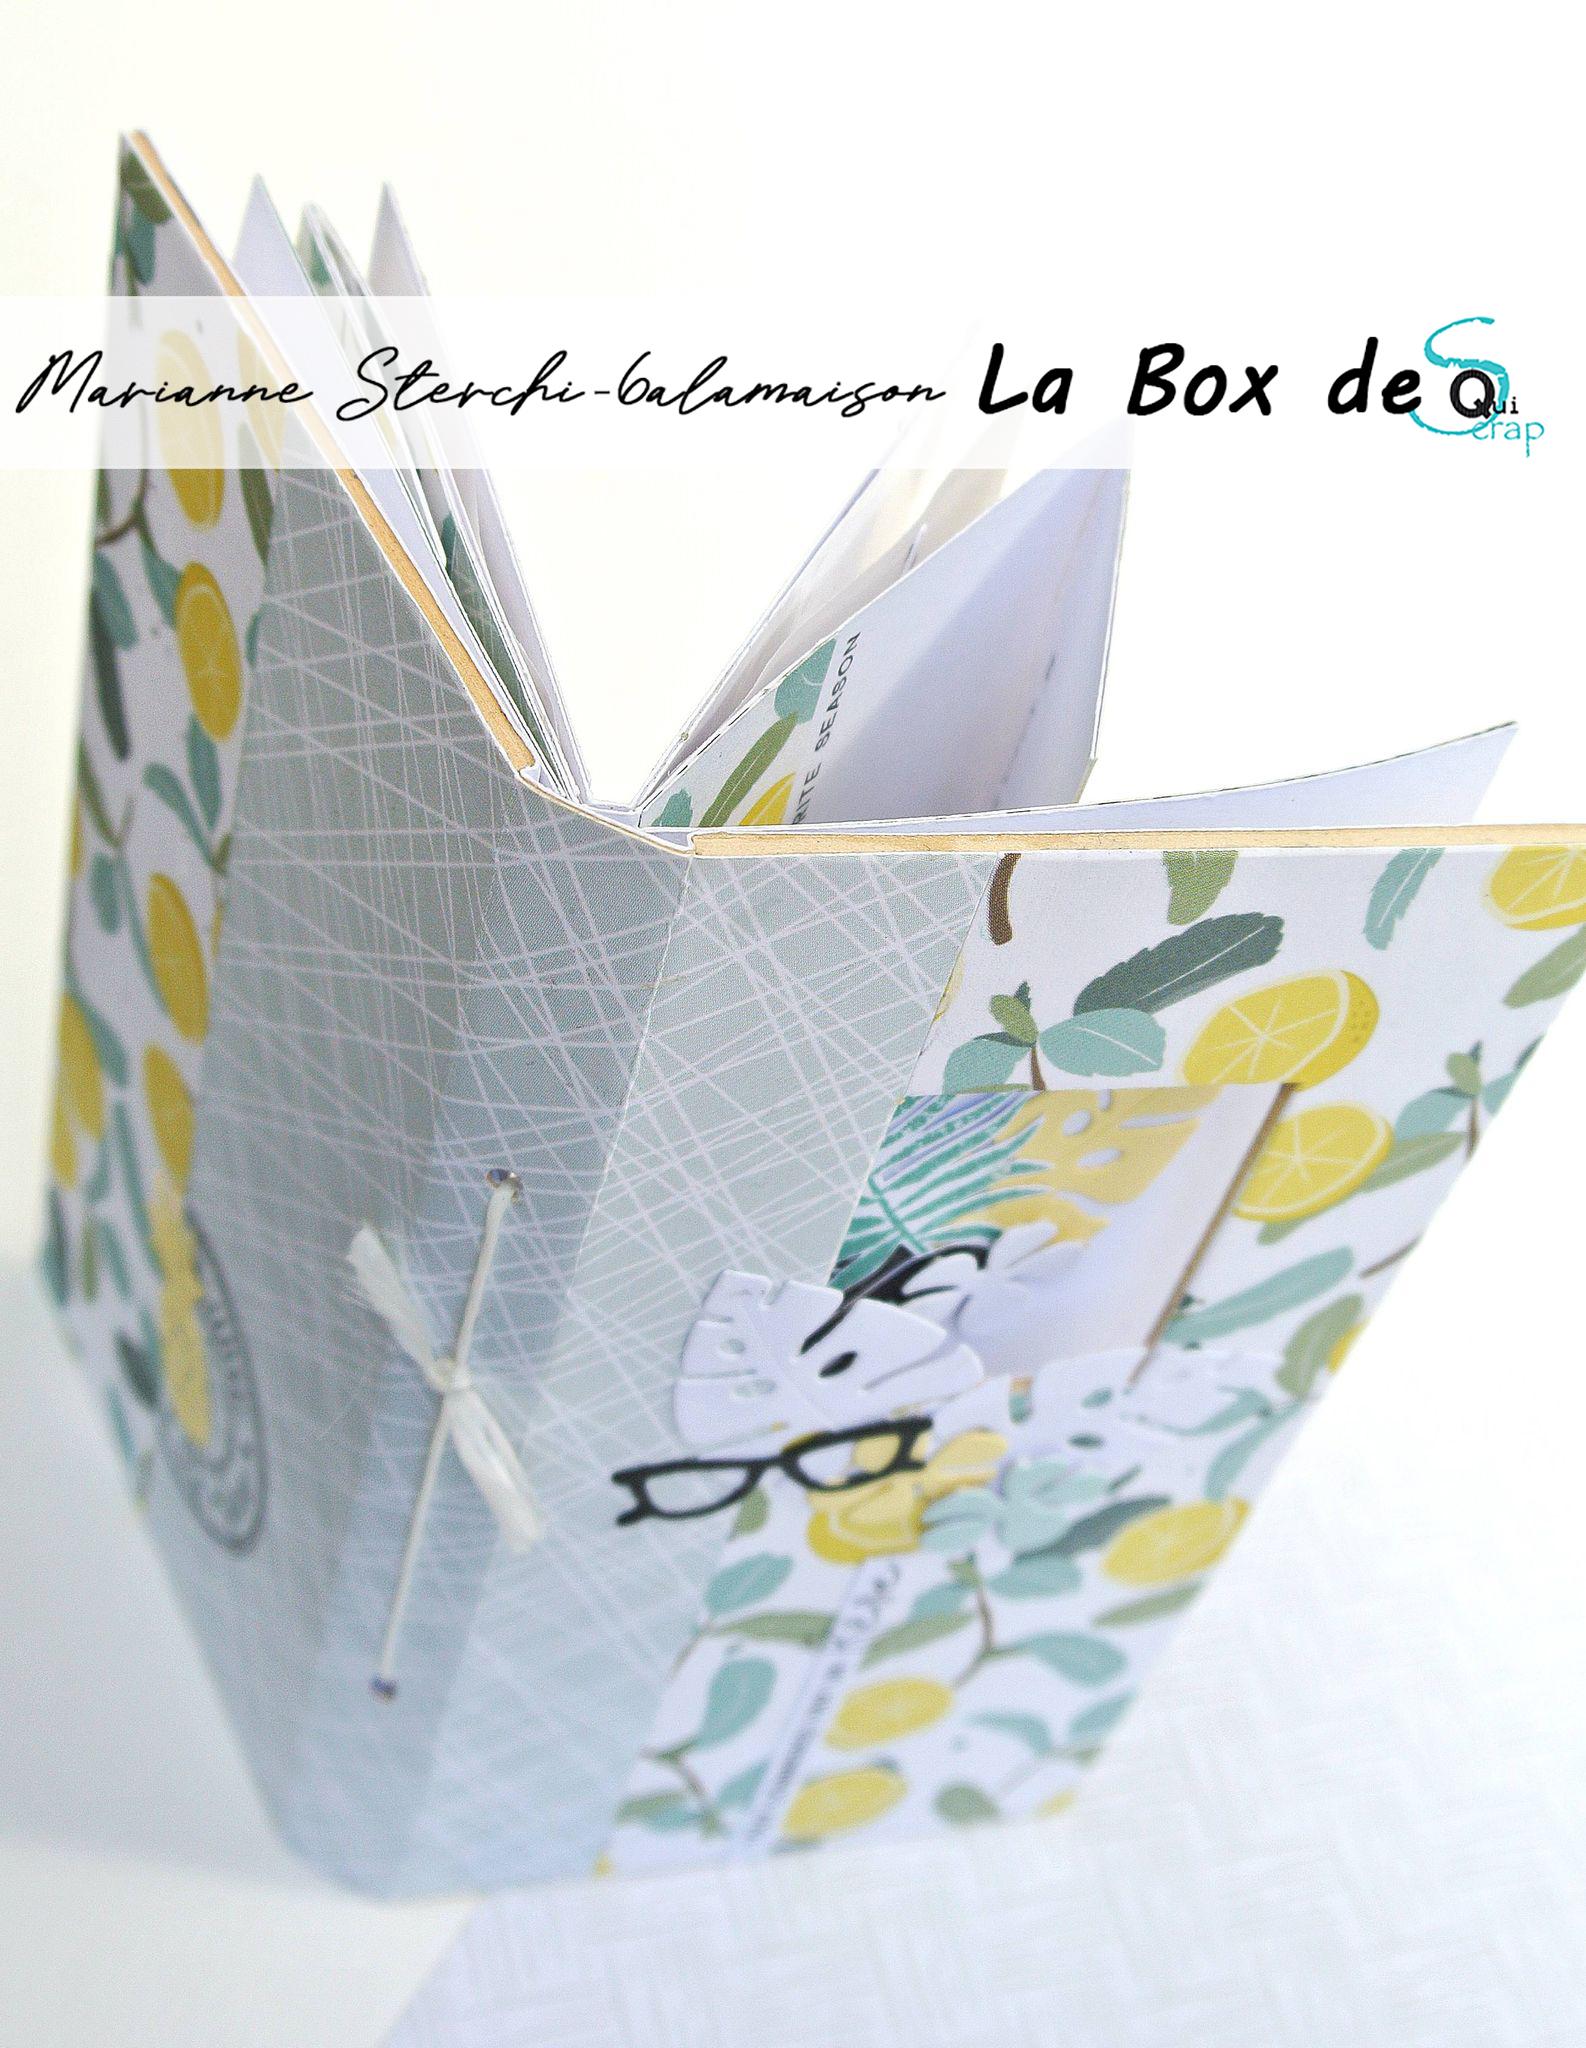 Tuto n°2 pour la Box d'Aout 2021 par Marianne Sterchi – 6alamaison: Le minialbum